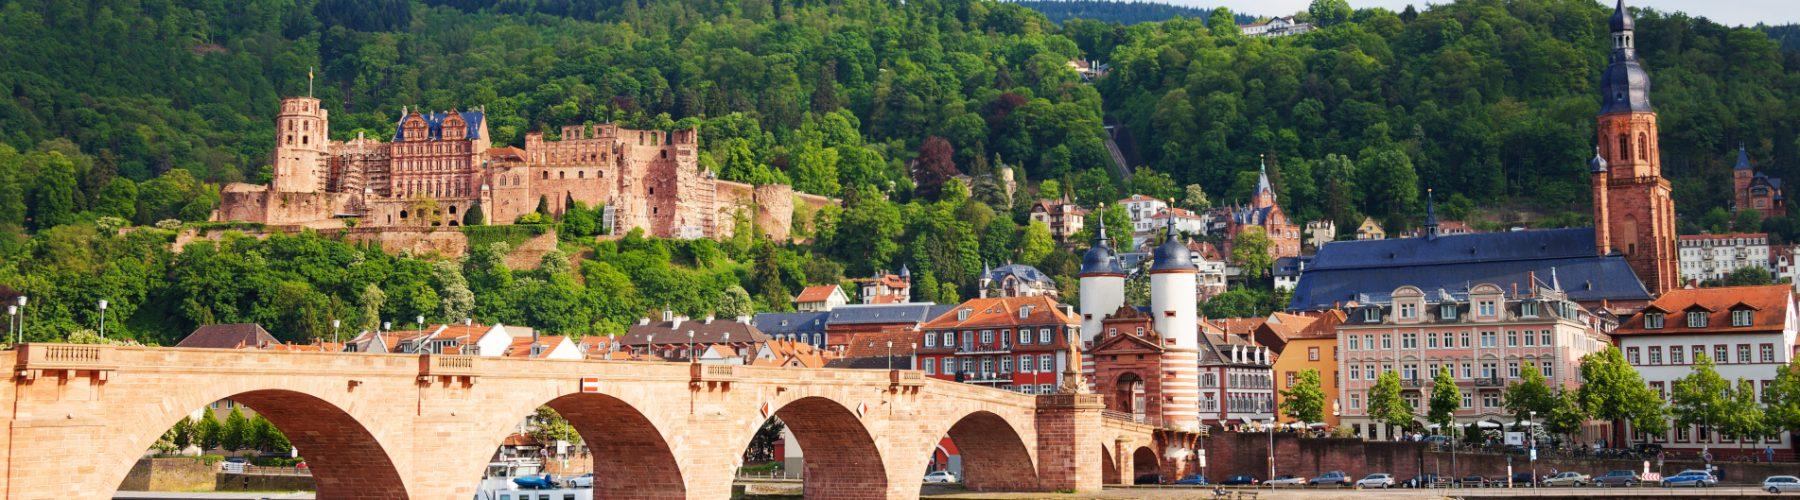 Blick auf die Stadt Heidelberg am Neckar in Deutschland